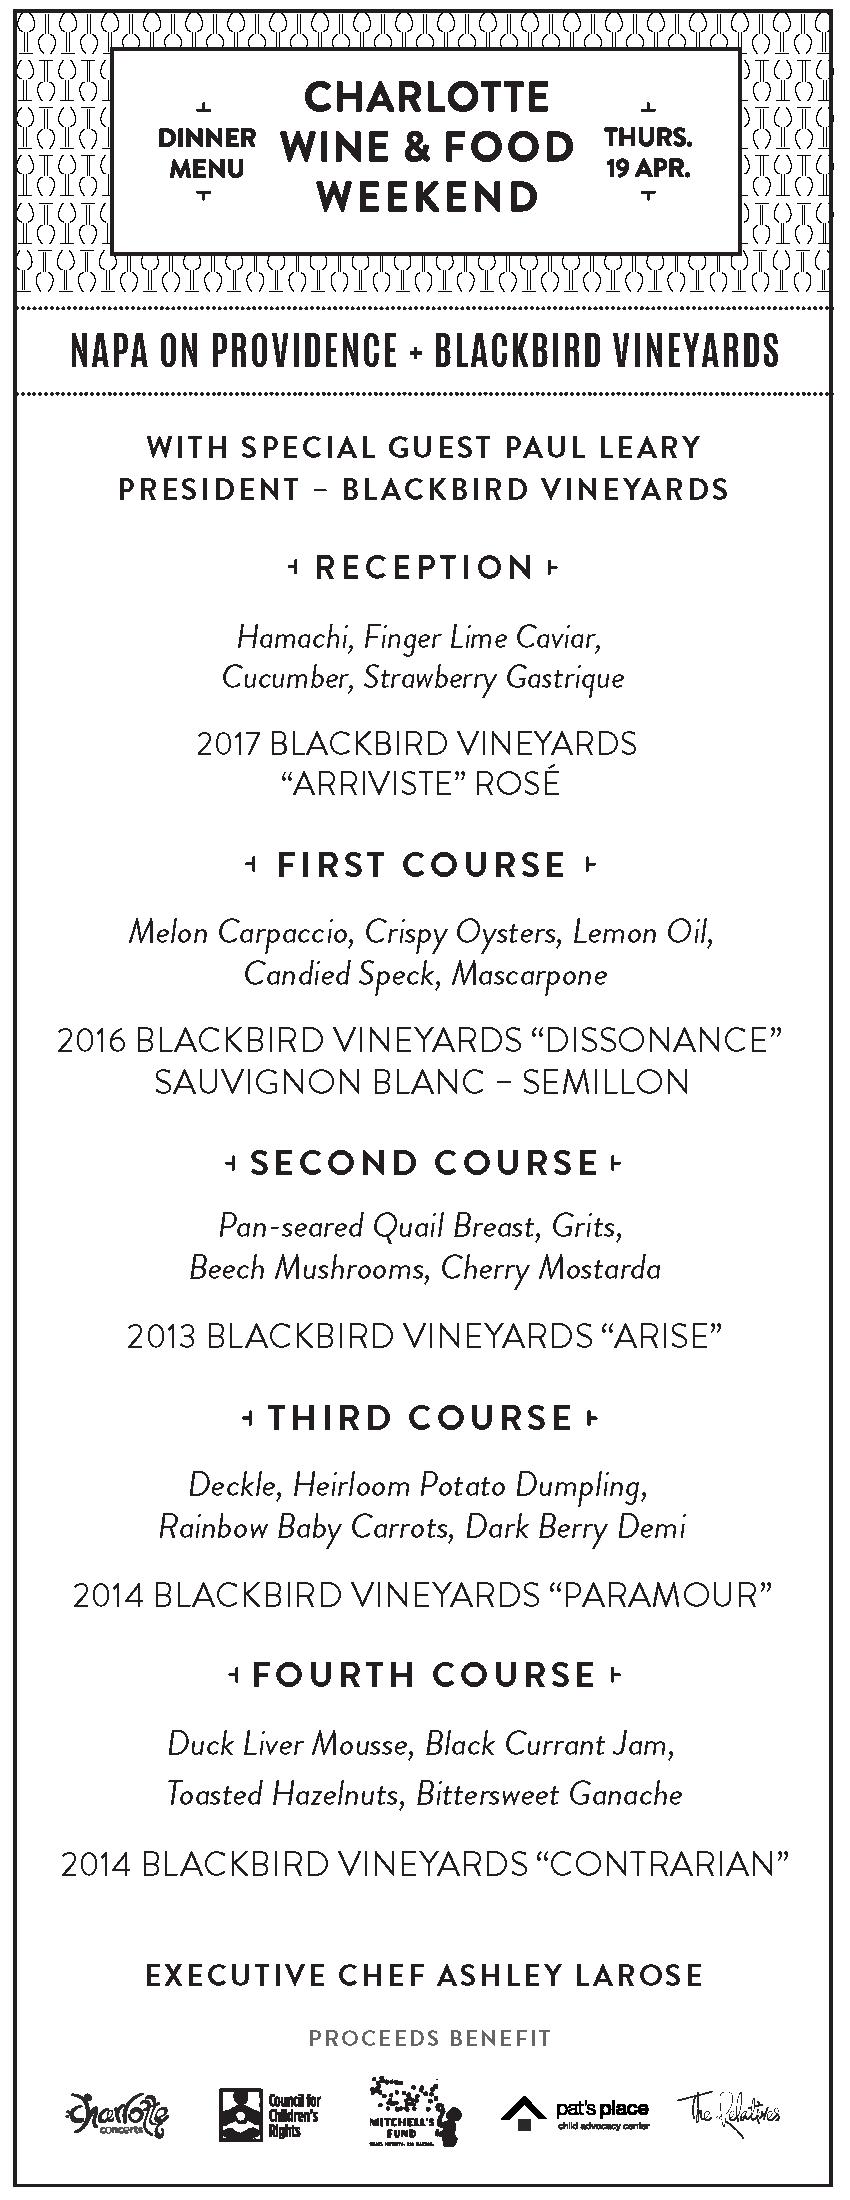 CWFW Restaurant Dinner Menu 2018_Blackbird.png